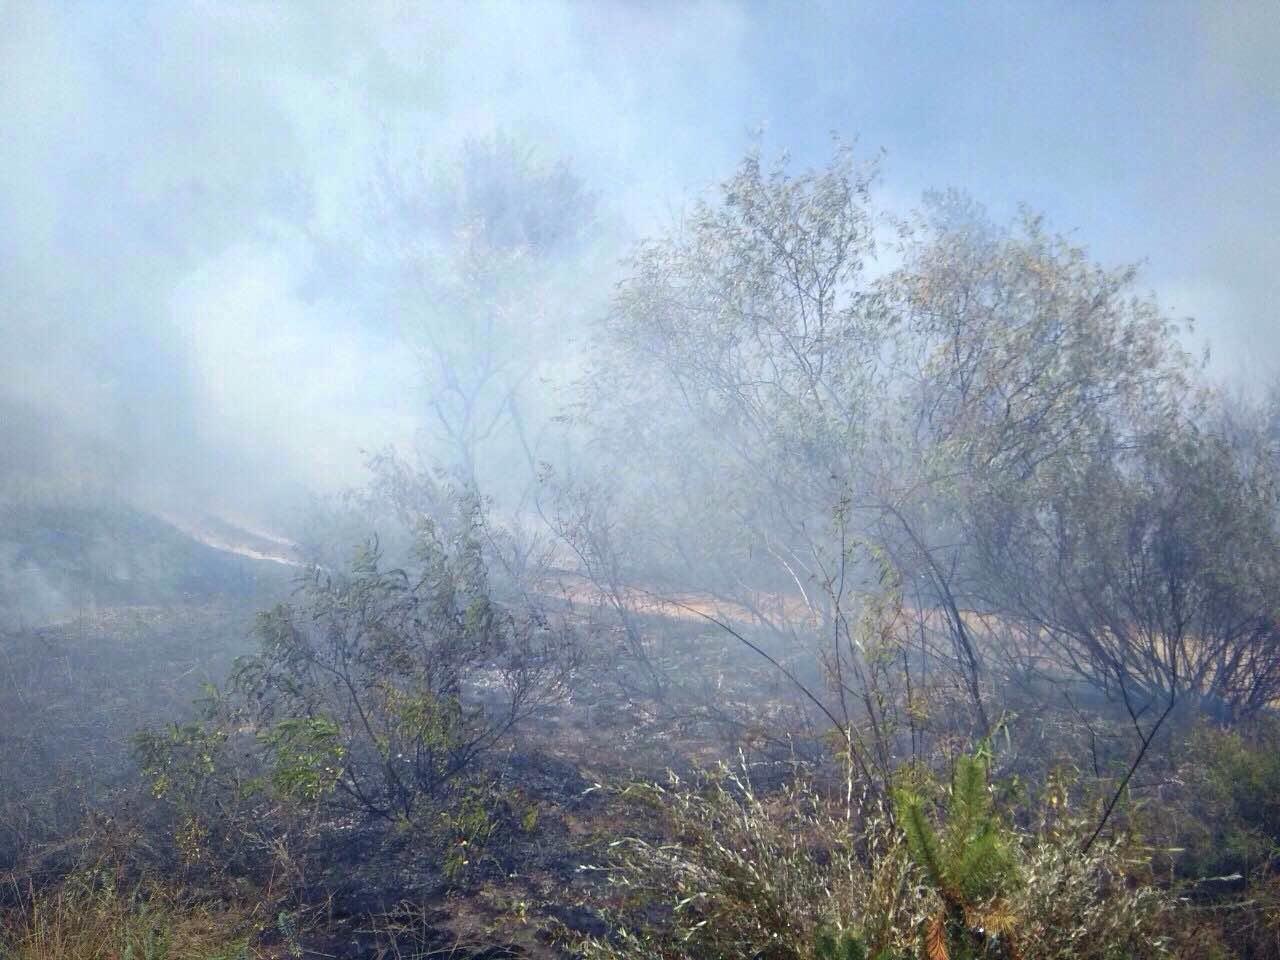 За прошедшие сутки на Днепропетровщине спасатели потушили 28 пожаров, фото-1